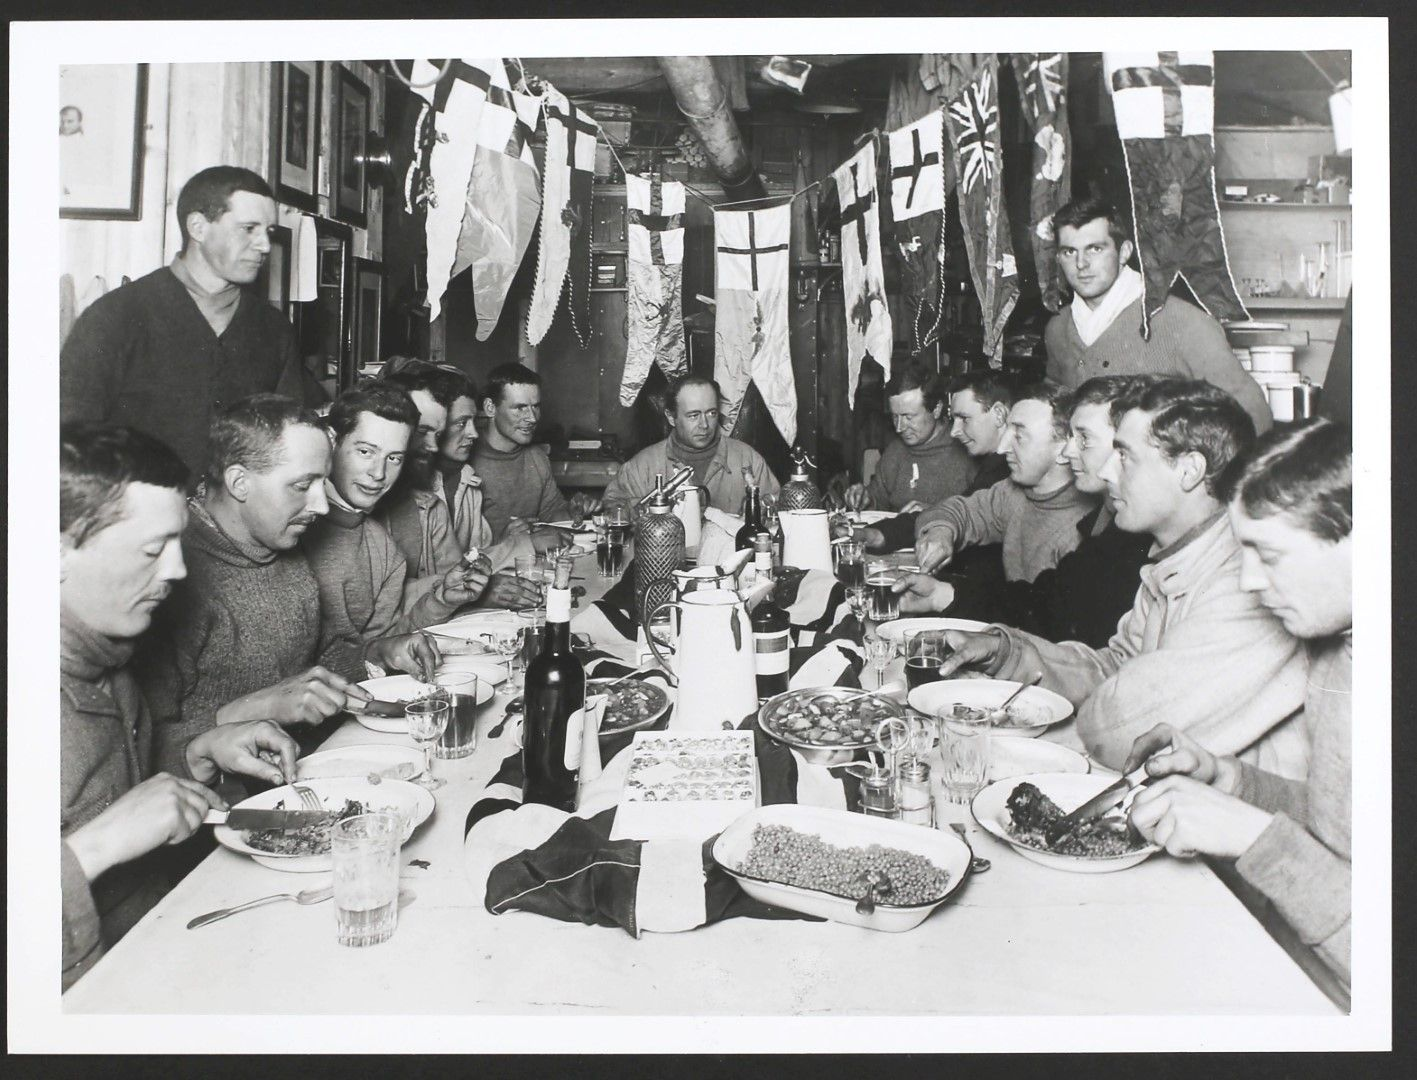 Робърт Фалкън Скот празнува рождения си ден в Антарктида